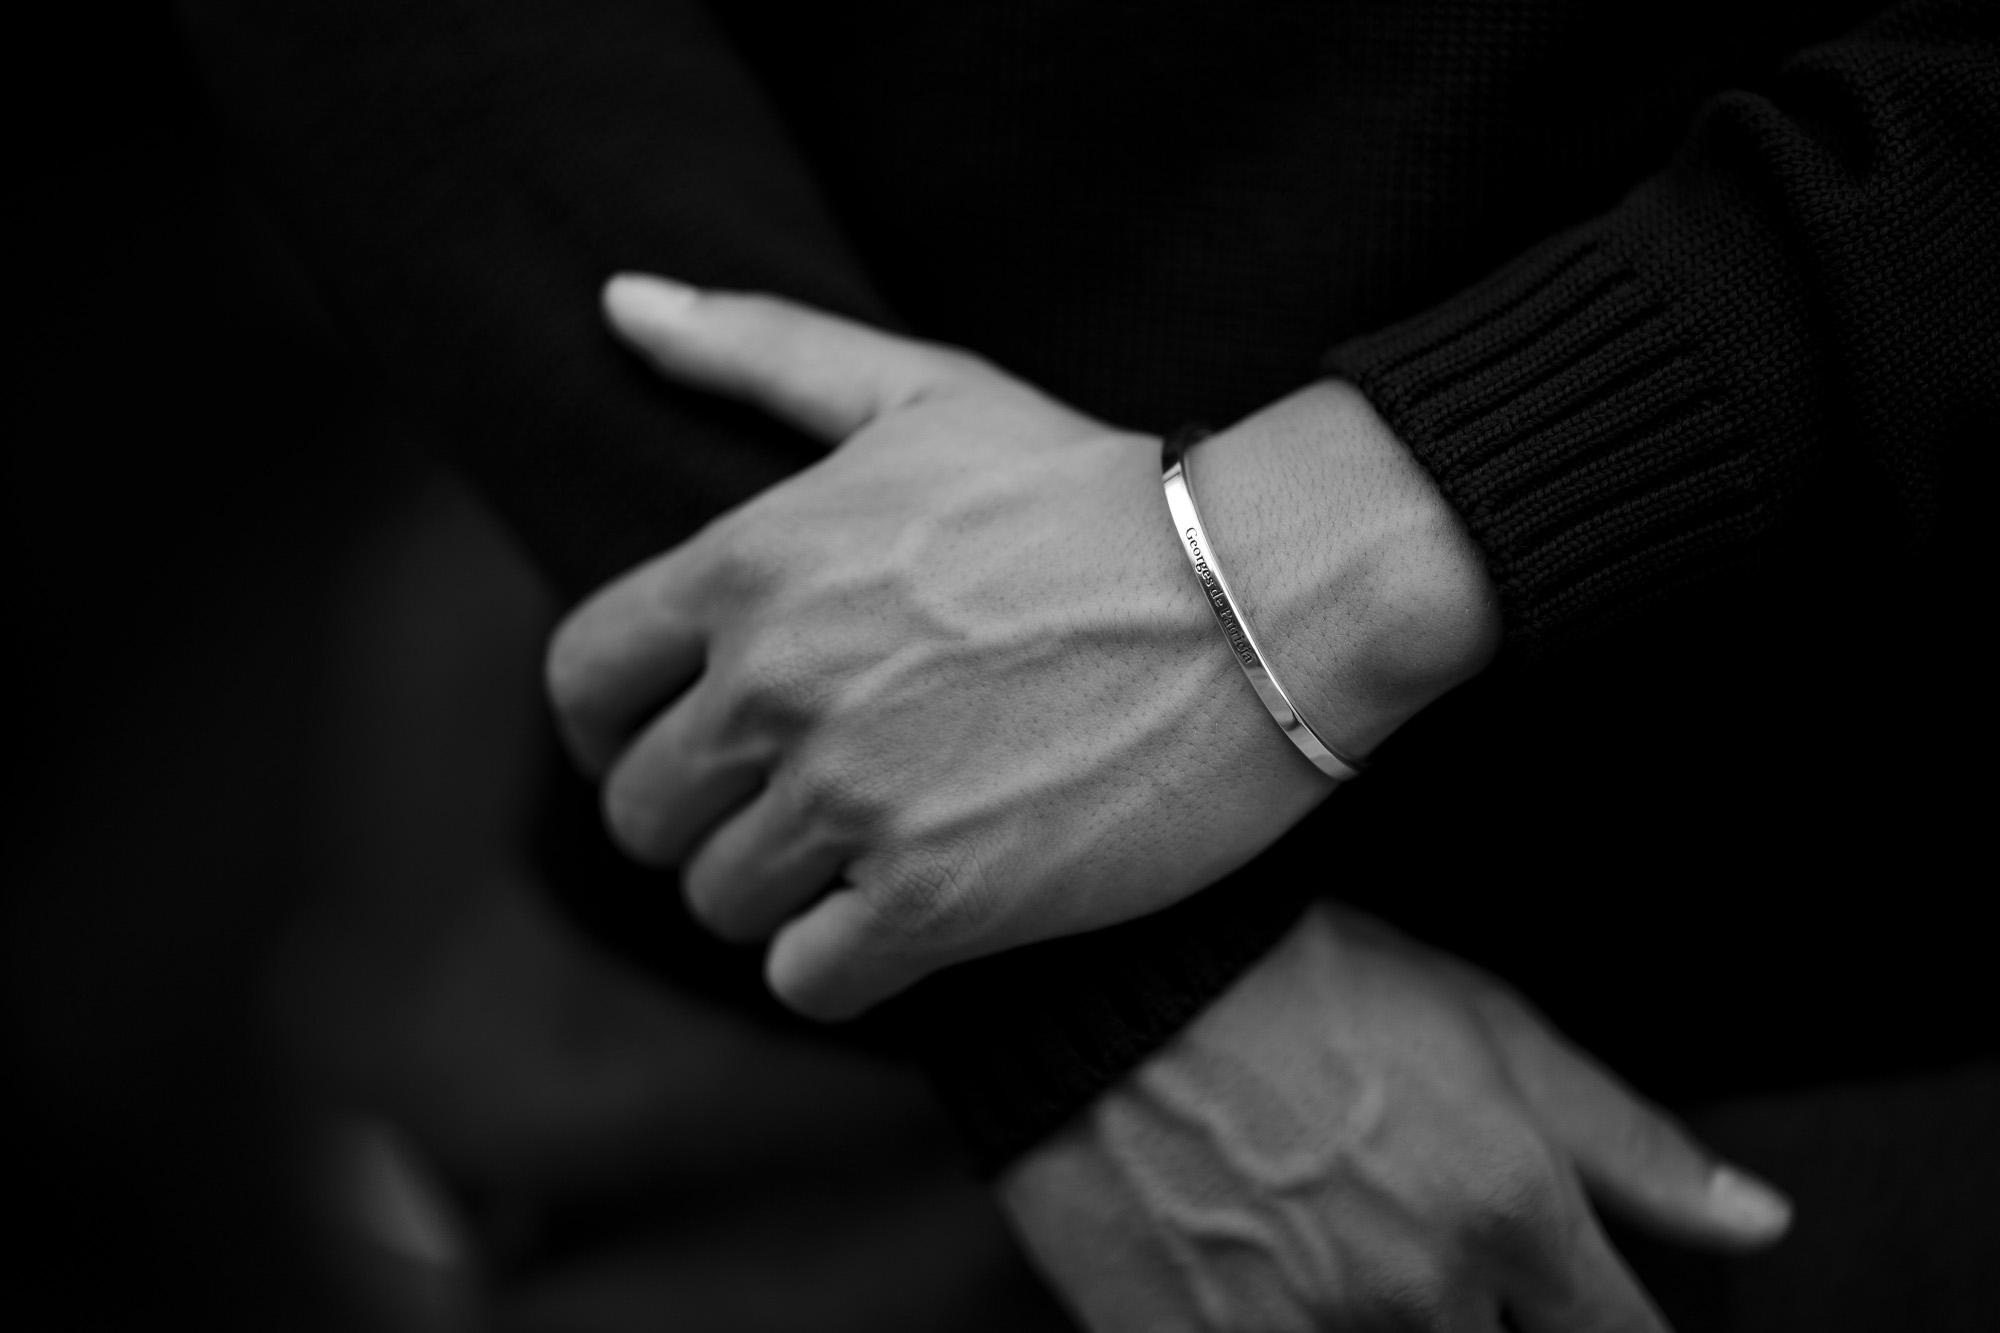 Georges de Patricia(ジョルジュ ド パトリシア) Ghost Solo (ゴースト ソロ) 925 STERLING SILVER (925 スターリングシルバー) WHITE DIAMOND(ホワイトダイヤモンド) シングル バングル  2019 秋冬 愛知 名古屋 altoediritto アルトエデリット georgesdepatricia roollsroyce ロールスロイス jewelry ジュエリ rolex 116618lb ロレックス サブマリーナ 青サブ chromehearts クロムハーツ ボールペン goyard ゴヤール